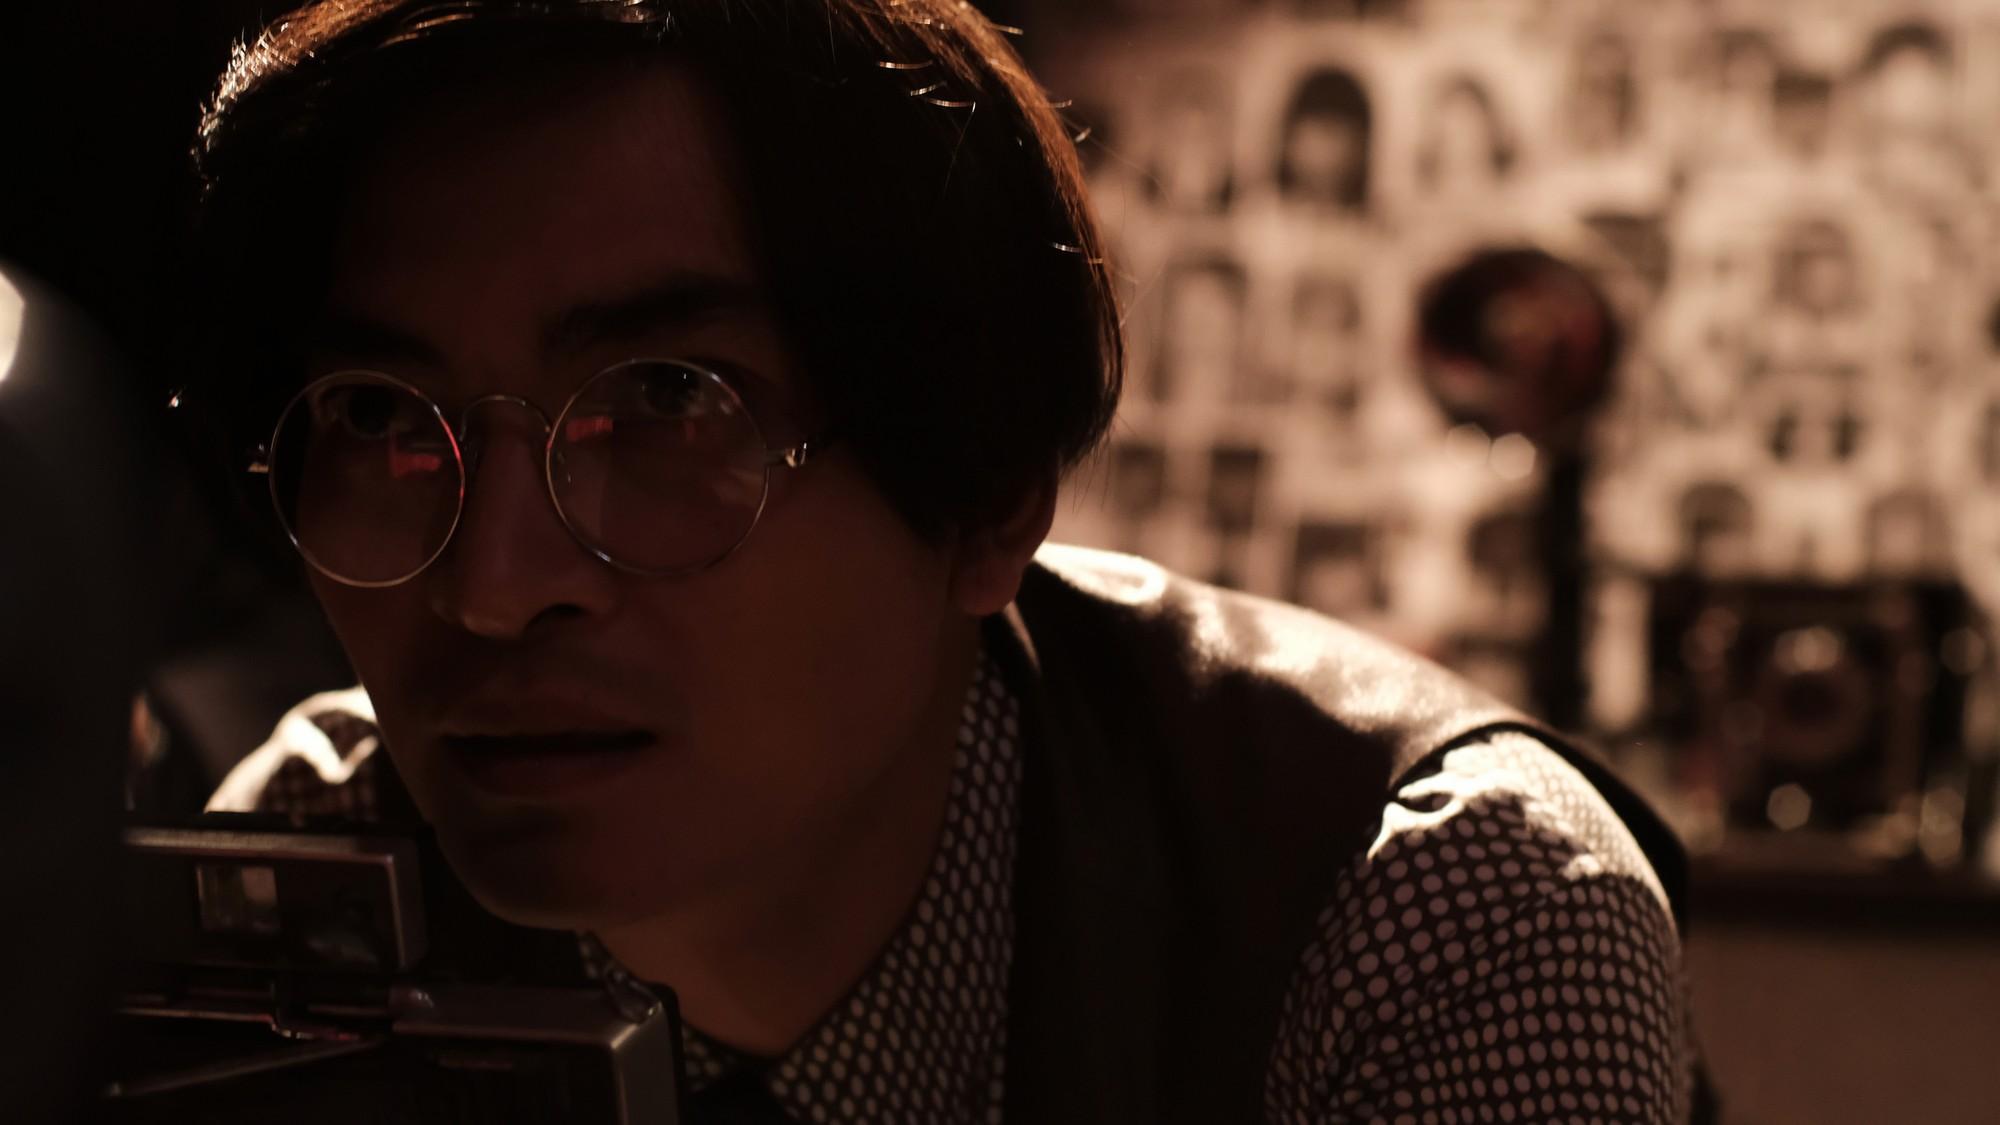 Làm phim ba mới - điện ảnh của người trẻ có gì? - Ảnh 5.